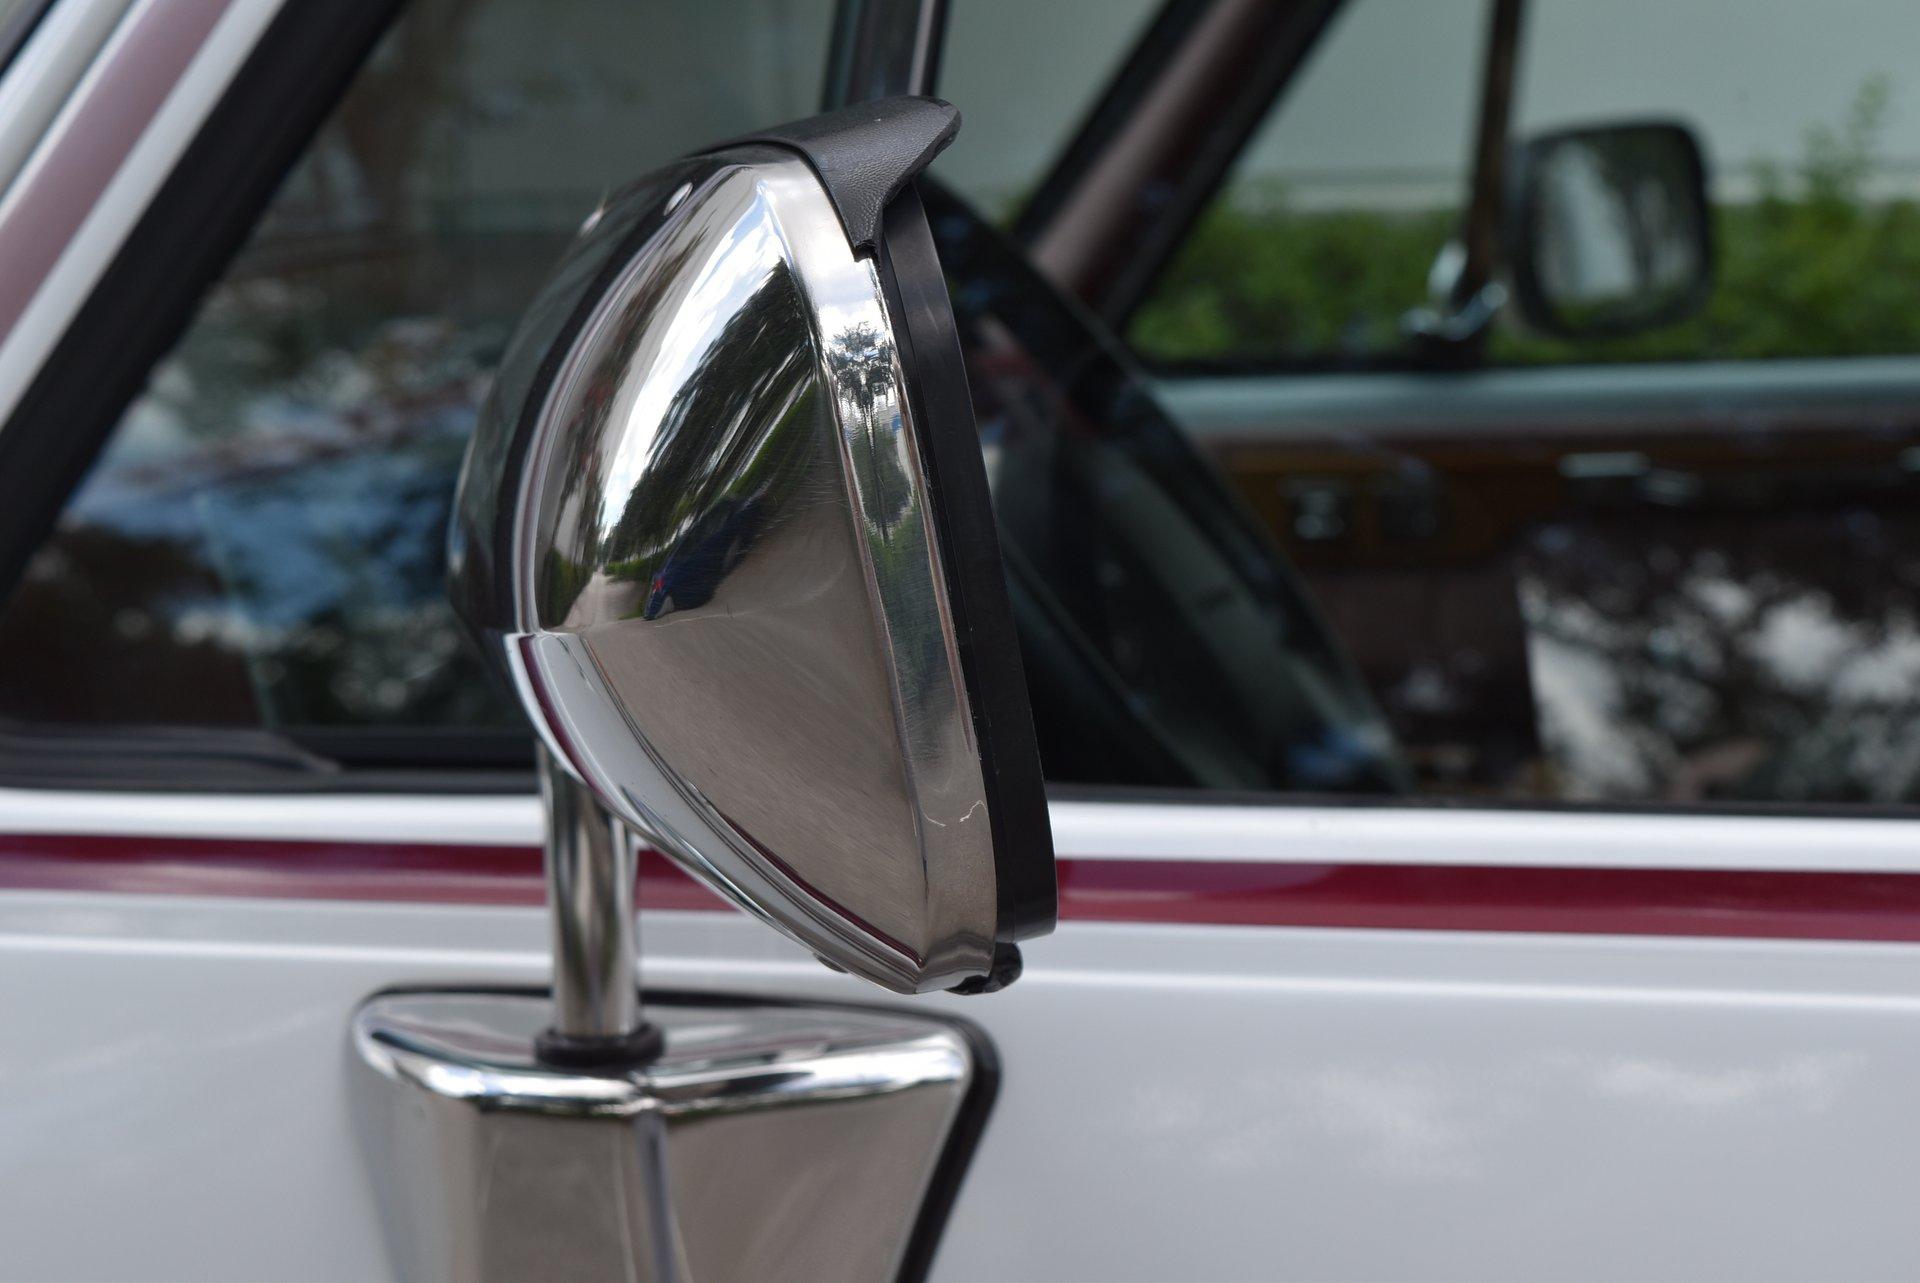 1992 Chevrolet G20 | Orlando Classic Cars